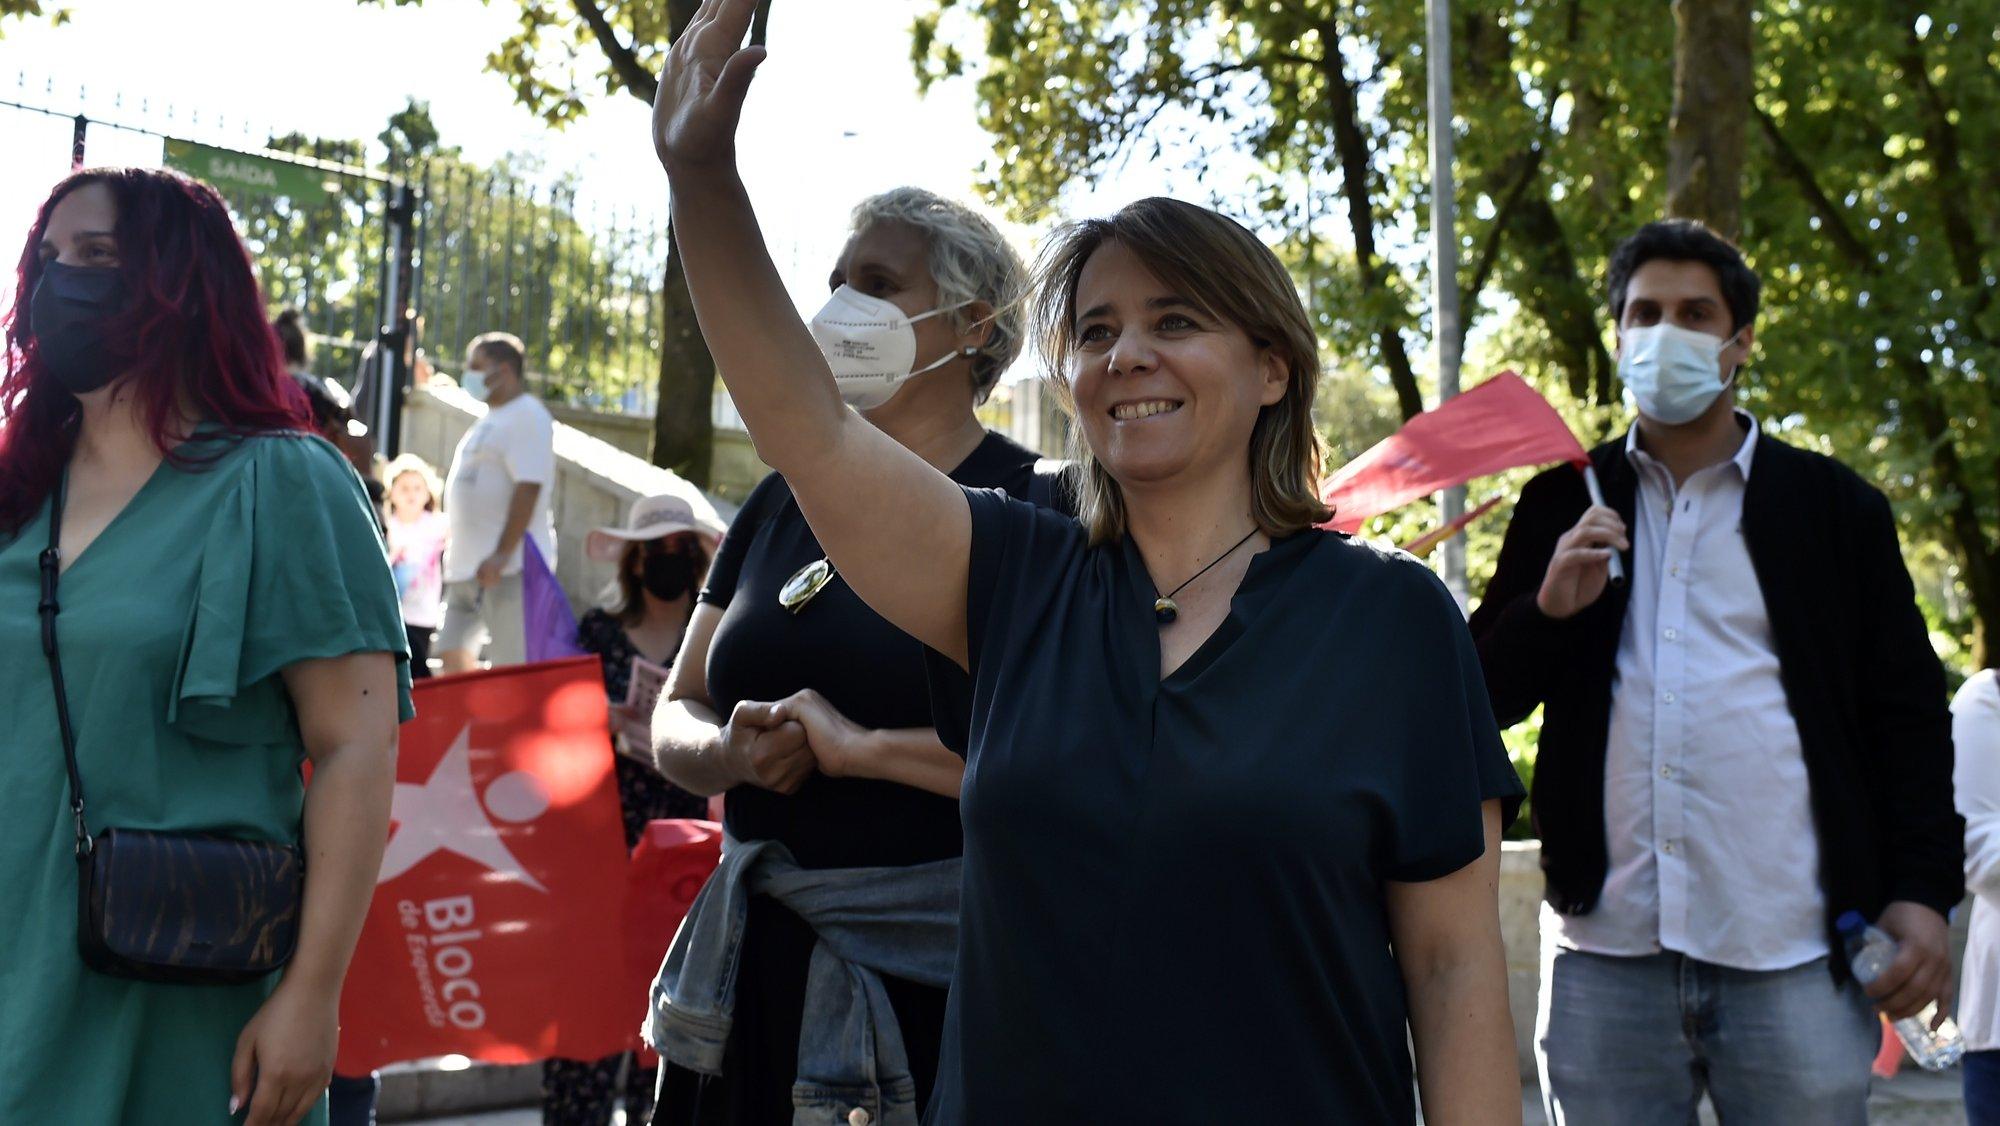 A coordenadora do Bloco de Esquerda (BE), Catarina Martins (2-E), esta tarde durante uma arruada em Viseu, no âmbito da campanha eleitoral para a eleições autárquicas 2021, em Viseu, 21 de setembro de 2021. NUNO ANDRÉ FERREIRA/LUSA